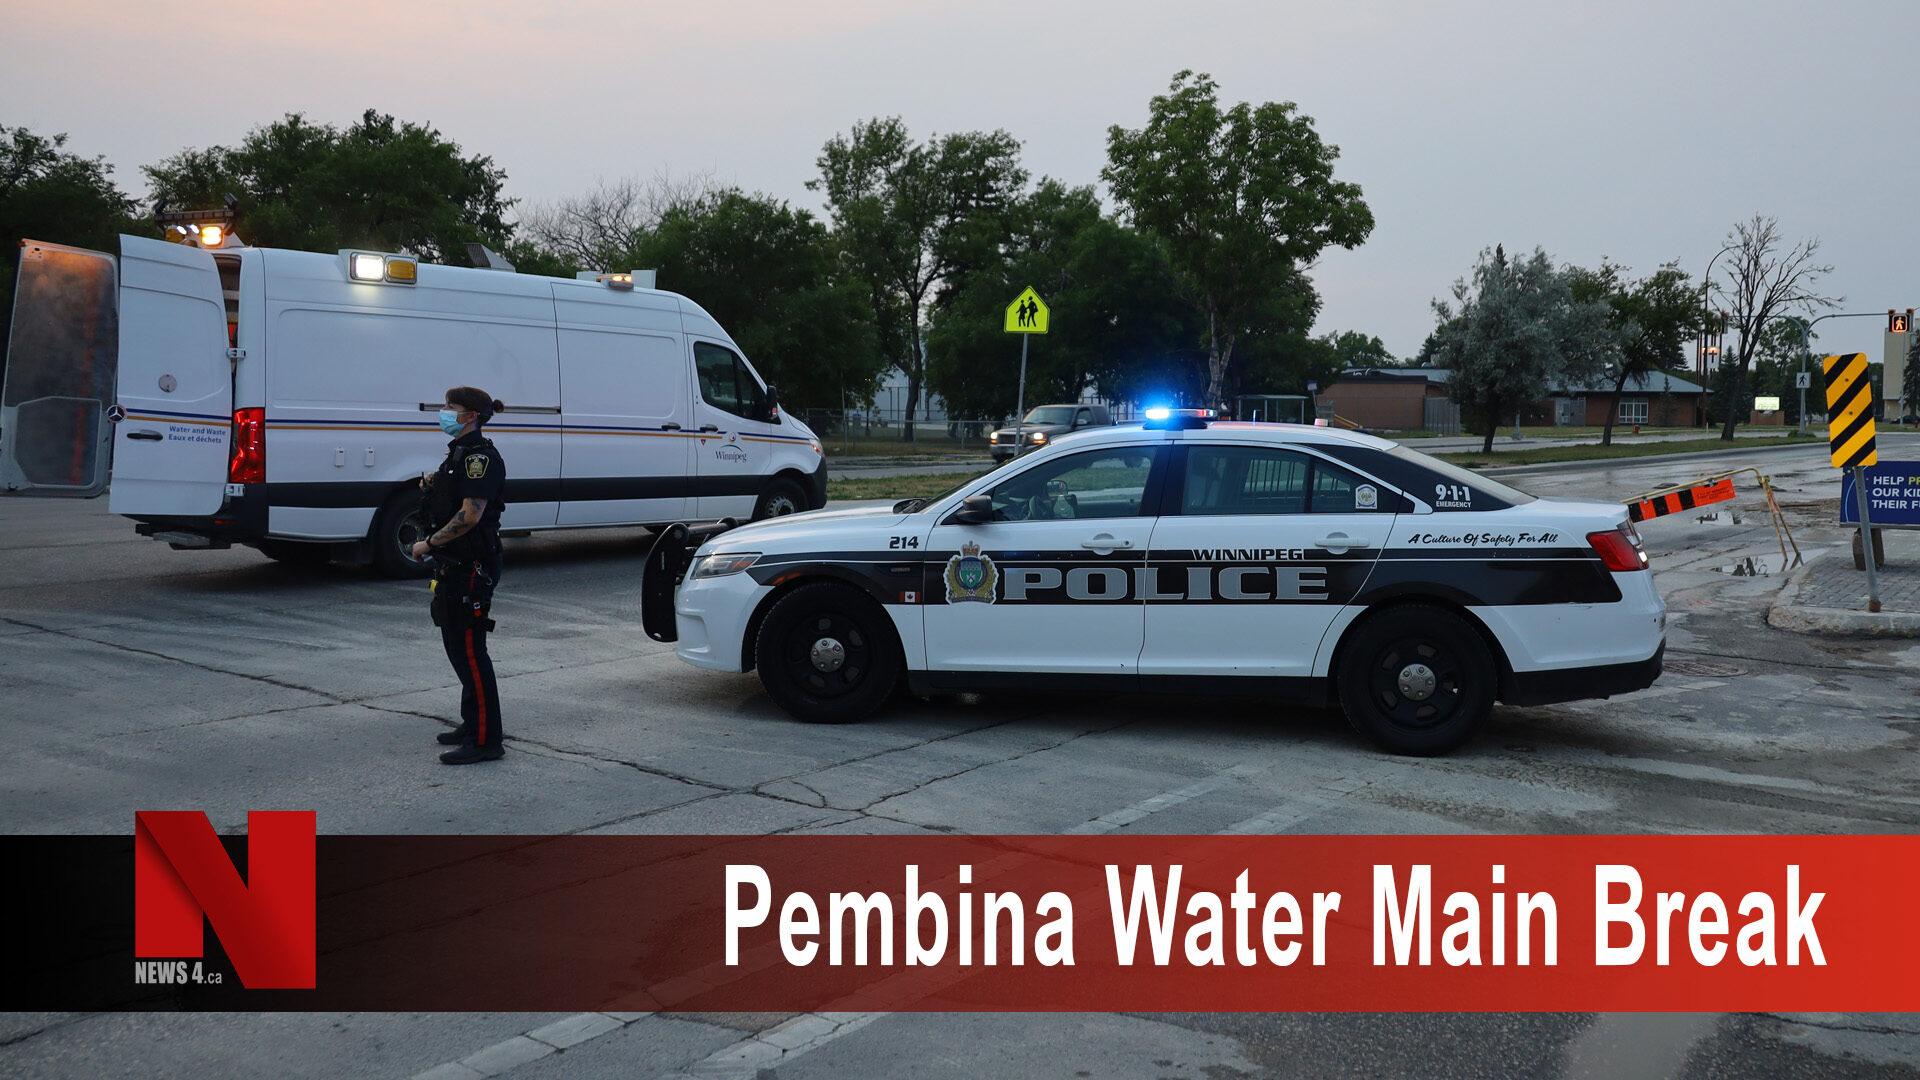 Pembina Water Main Break